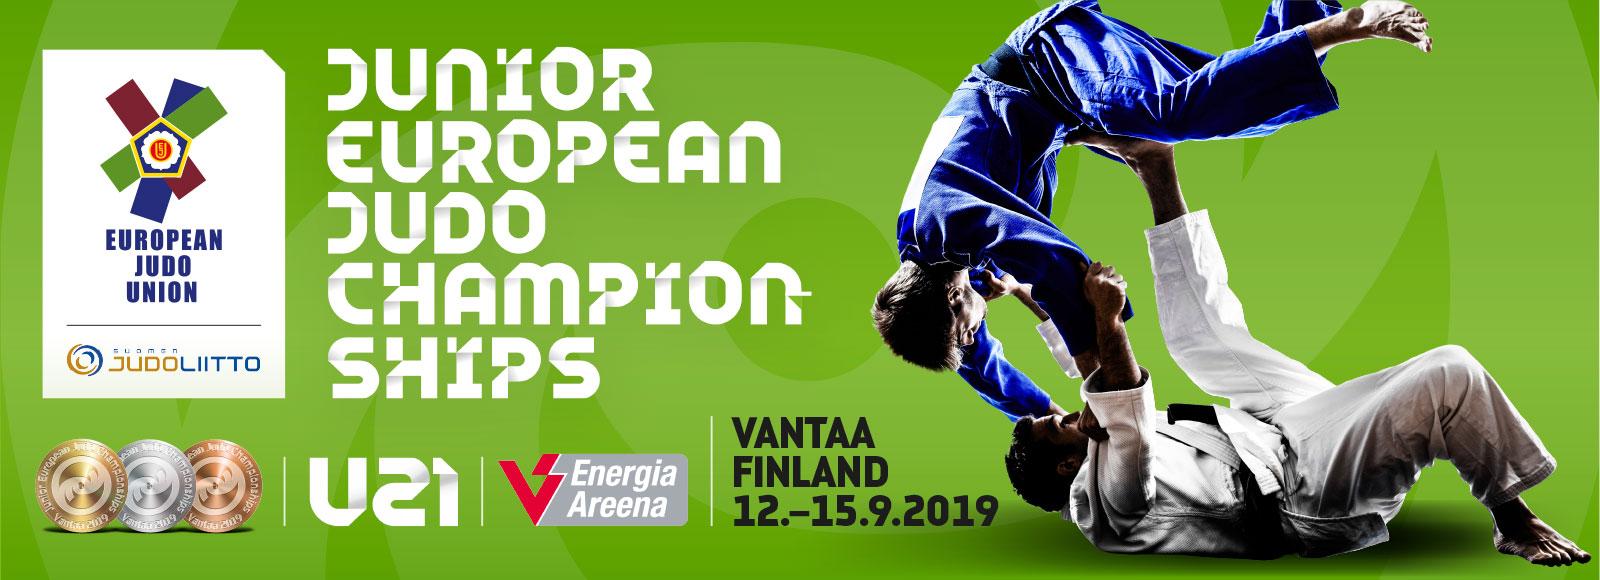 Nuorten Judon EM-kisat Vantaalla 2019